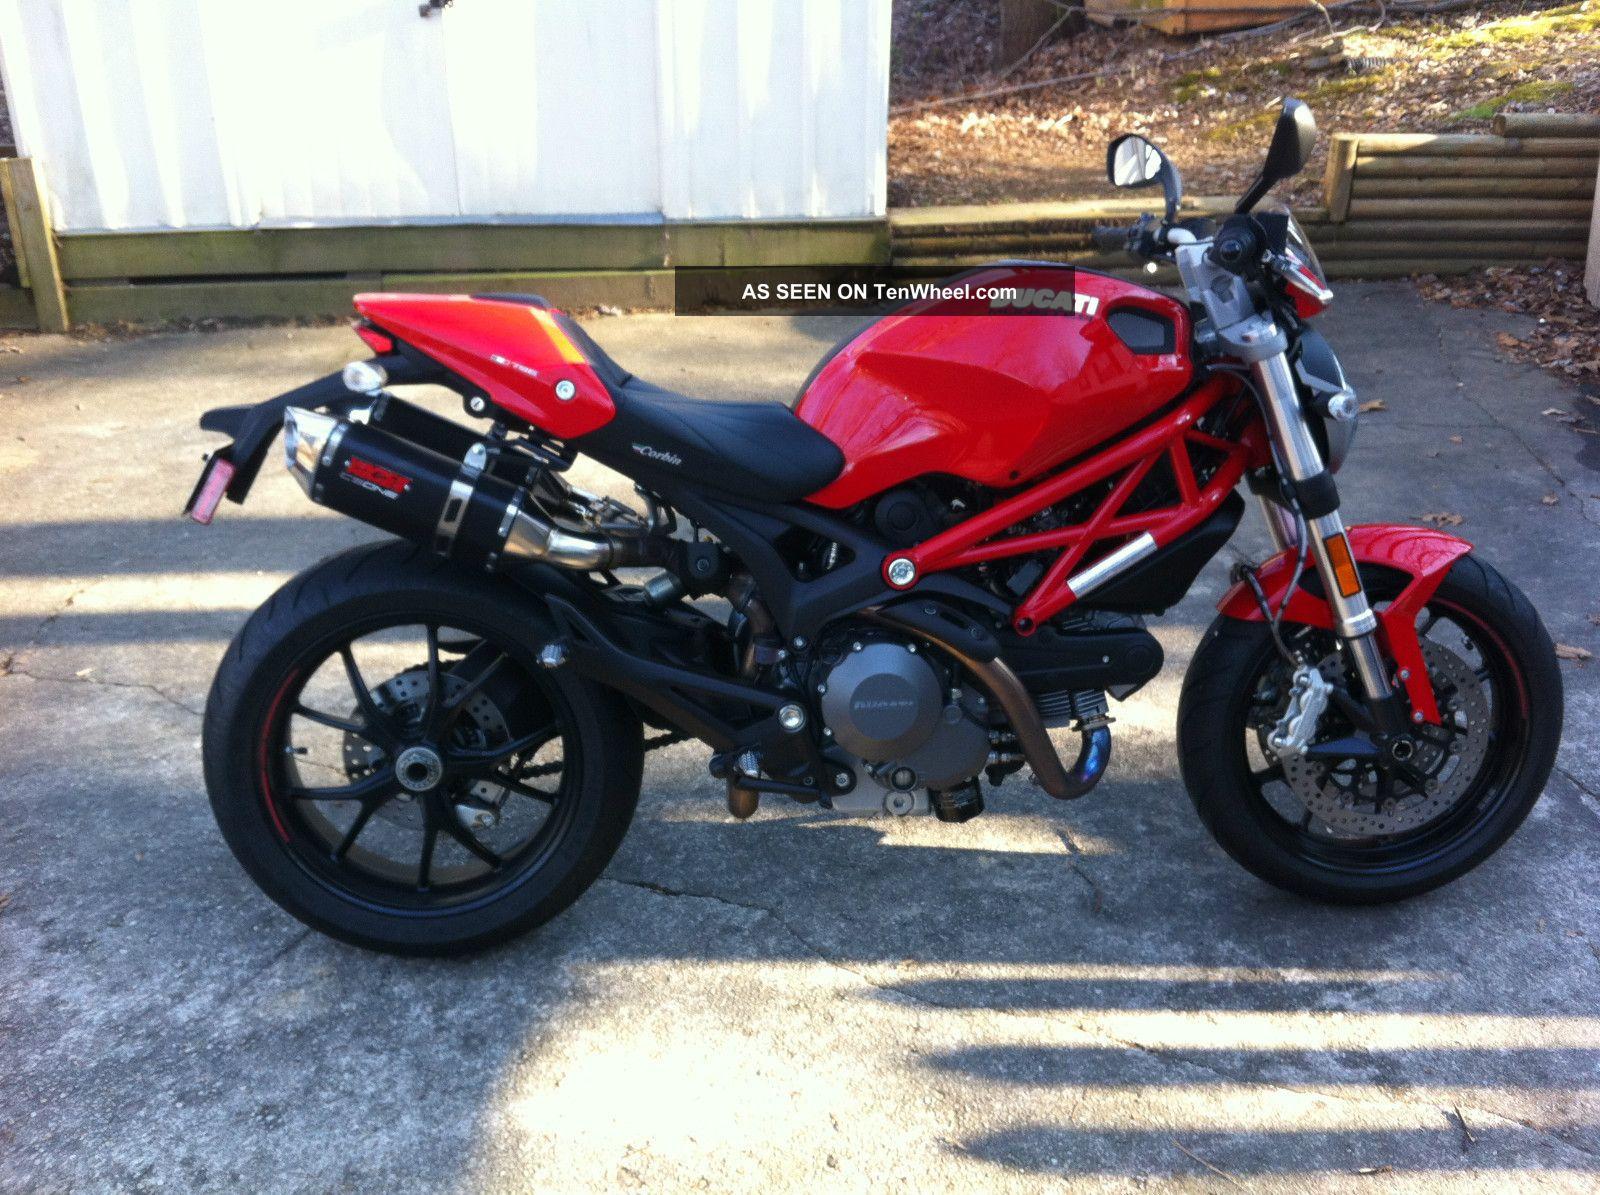 2011 Ducati Monster 796abs Monster photo